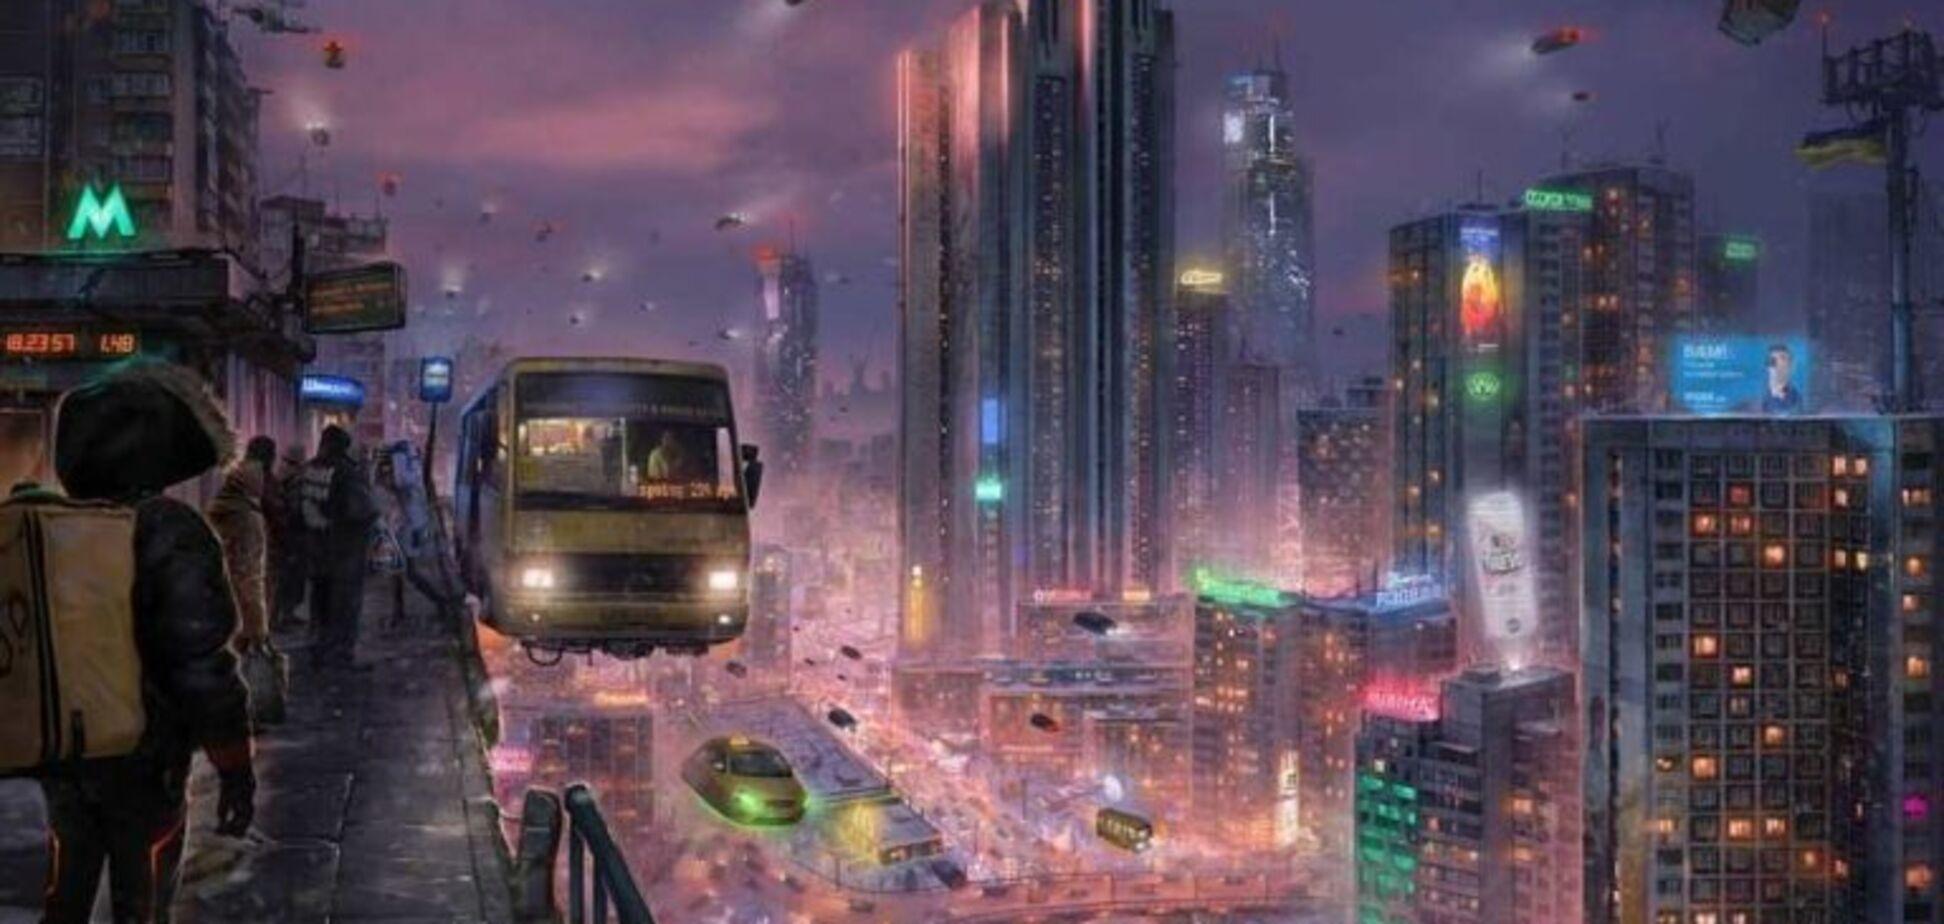 Художник показав, як виглядатиме Київ у 2077 році: маршрутки нікуди не зникнуть